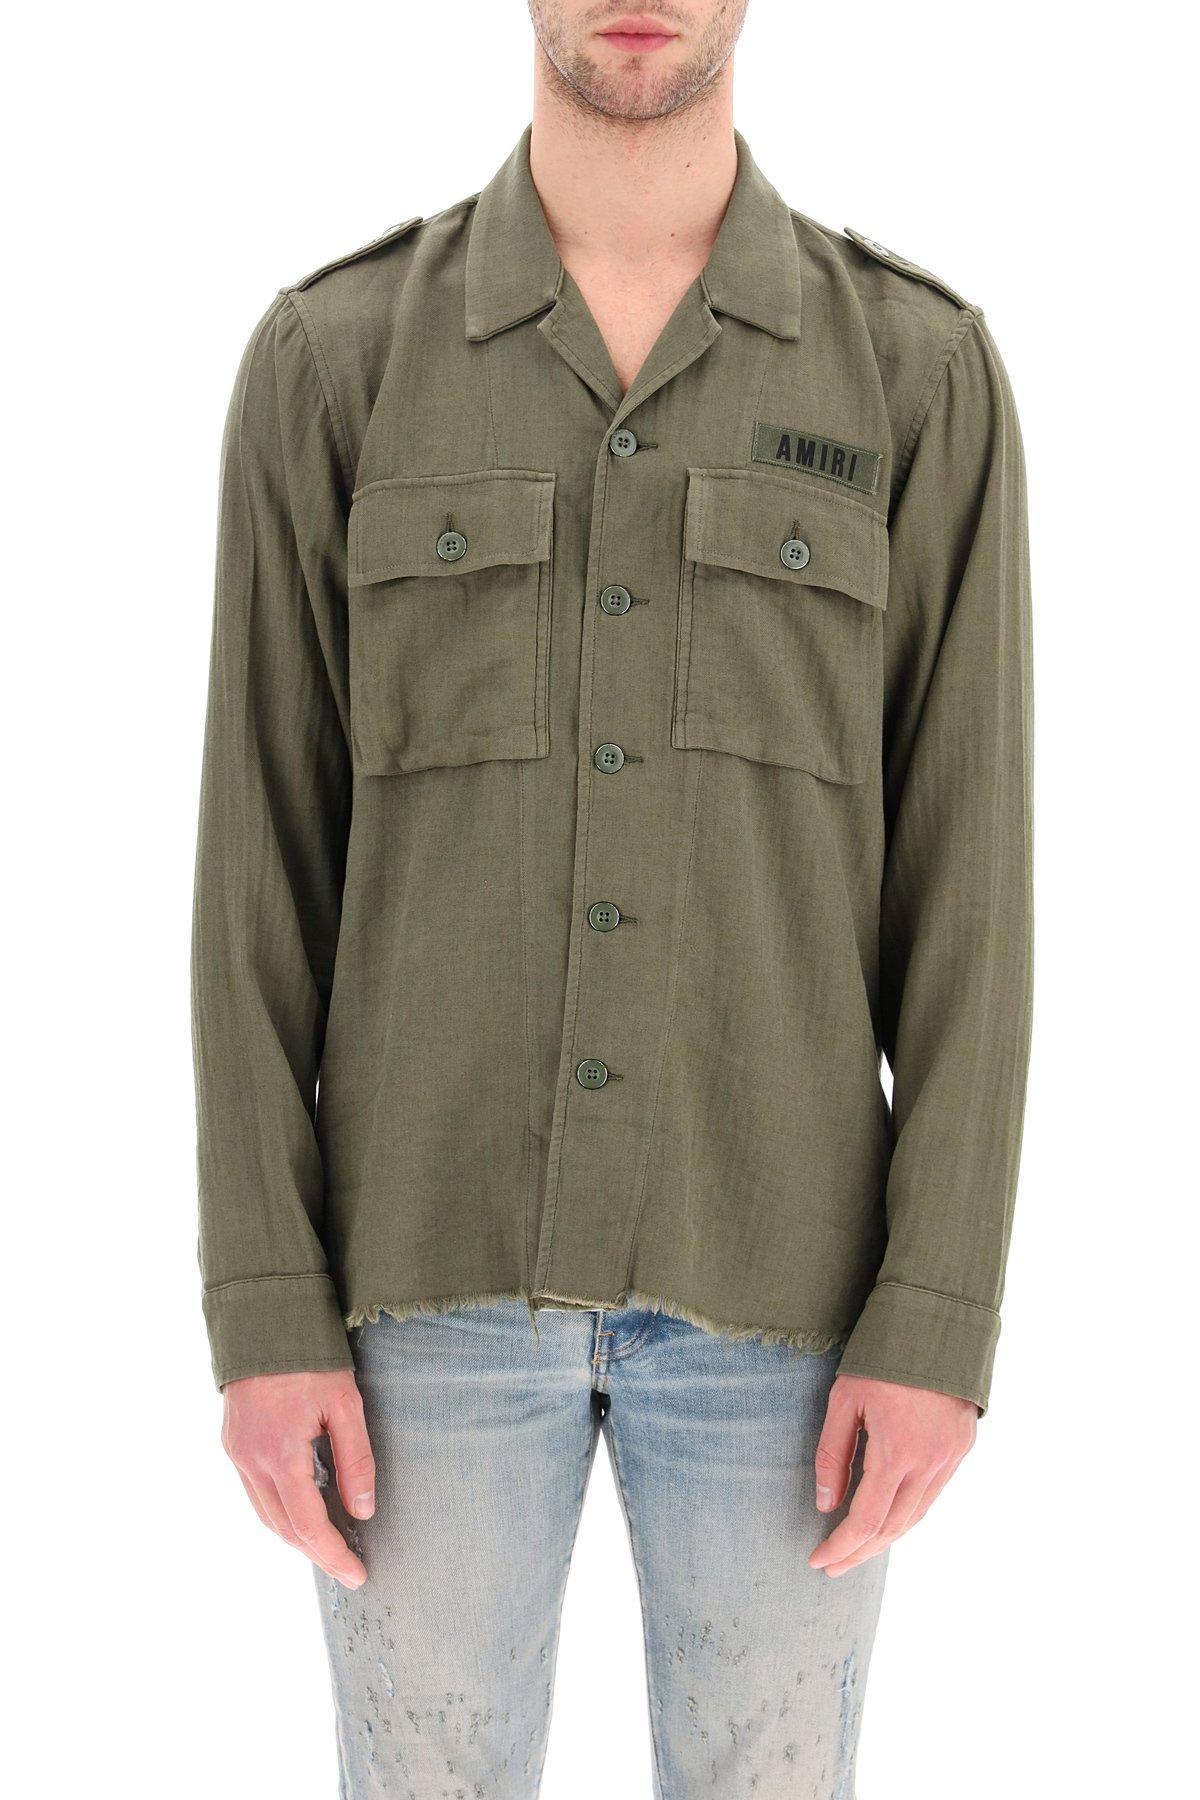 Amiri camicia militare cotone e cachemire